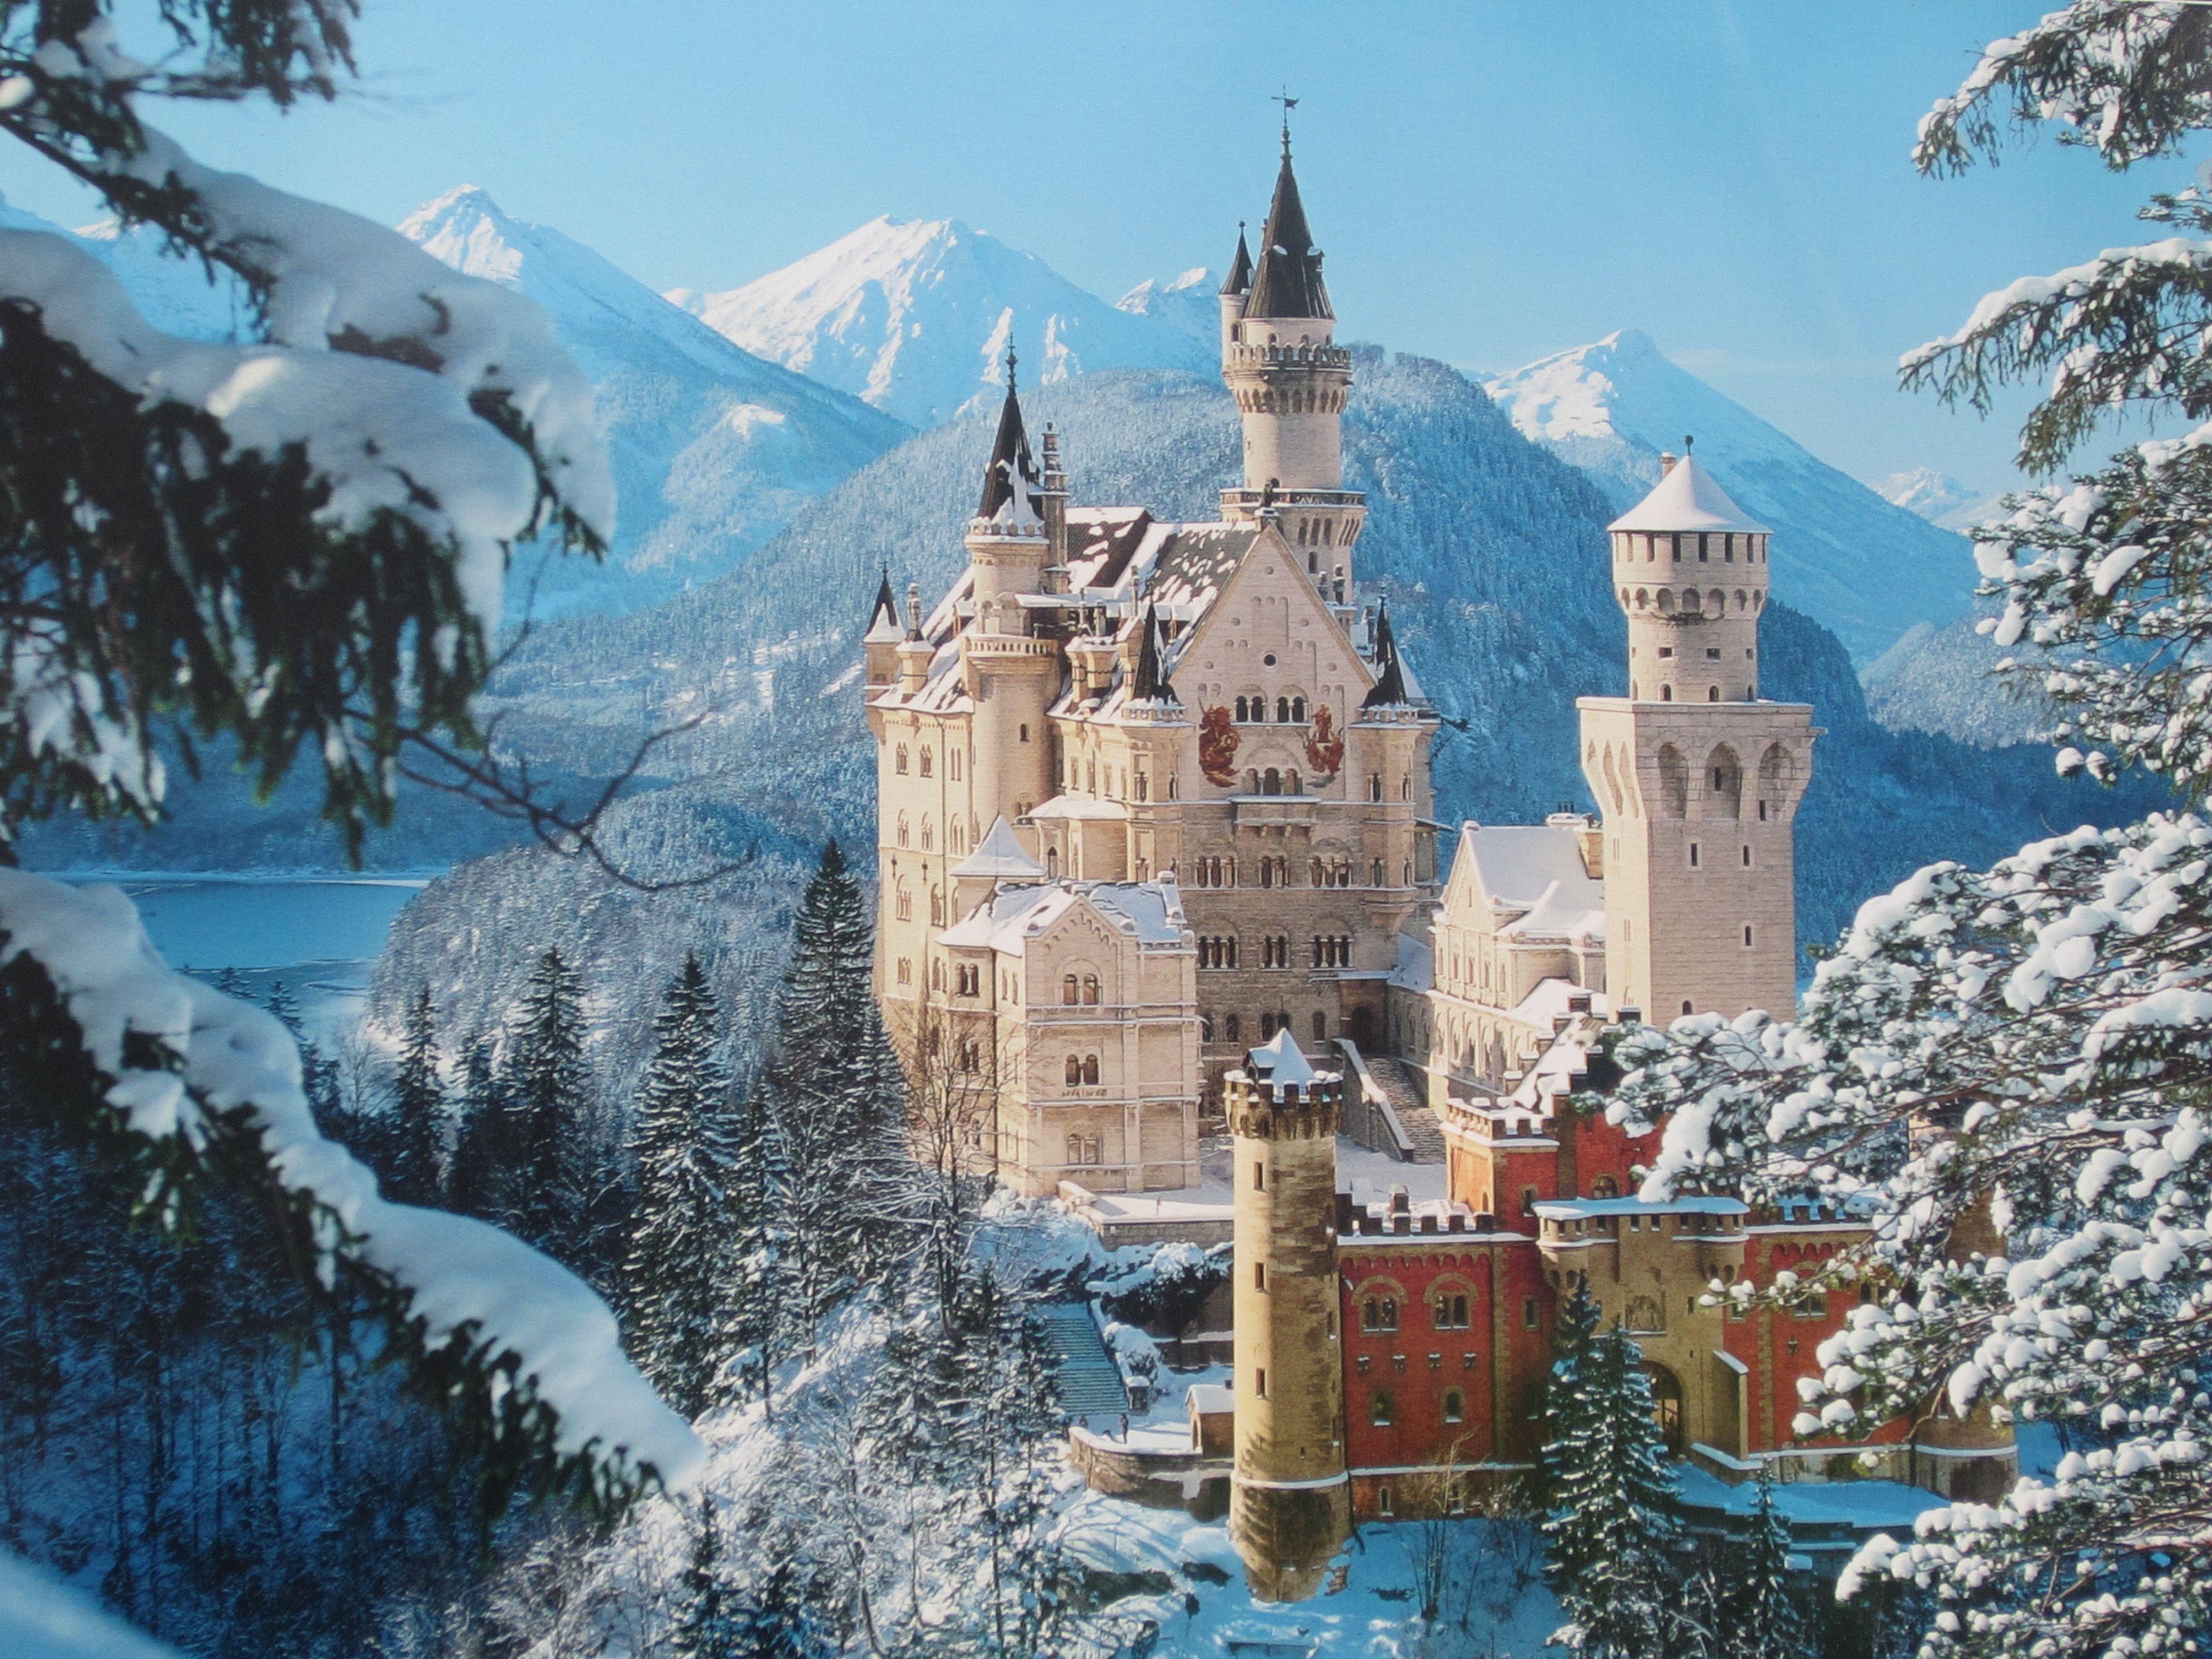 Hope To Find My Prince In There Disney Neuschwanstein Deutschland Burgen Schloss Neuschwanstein